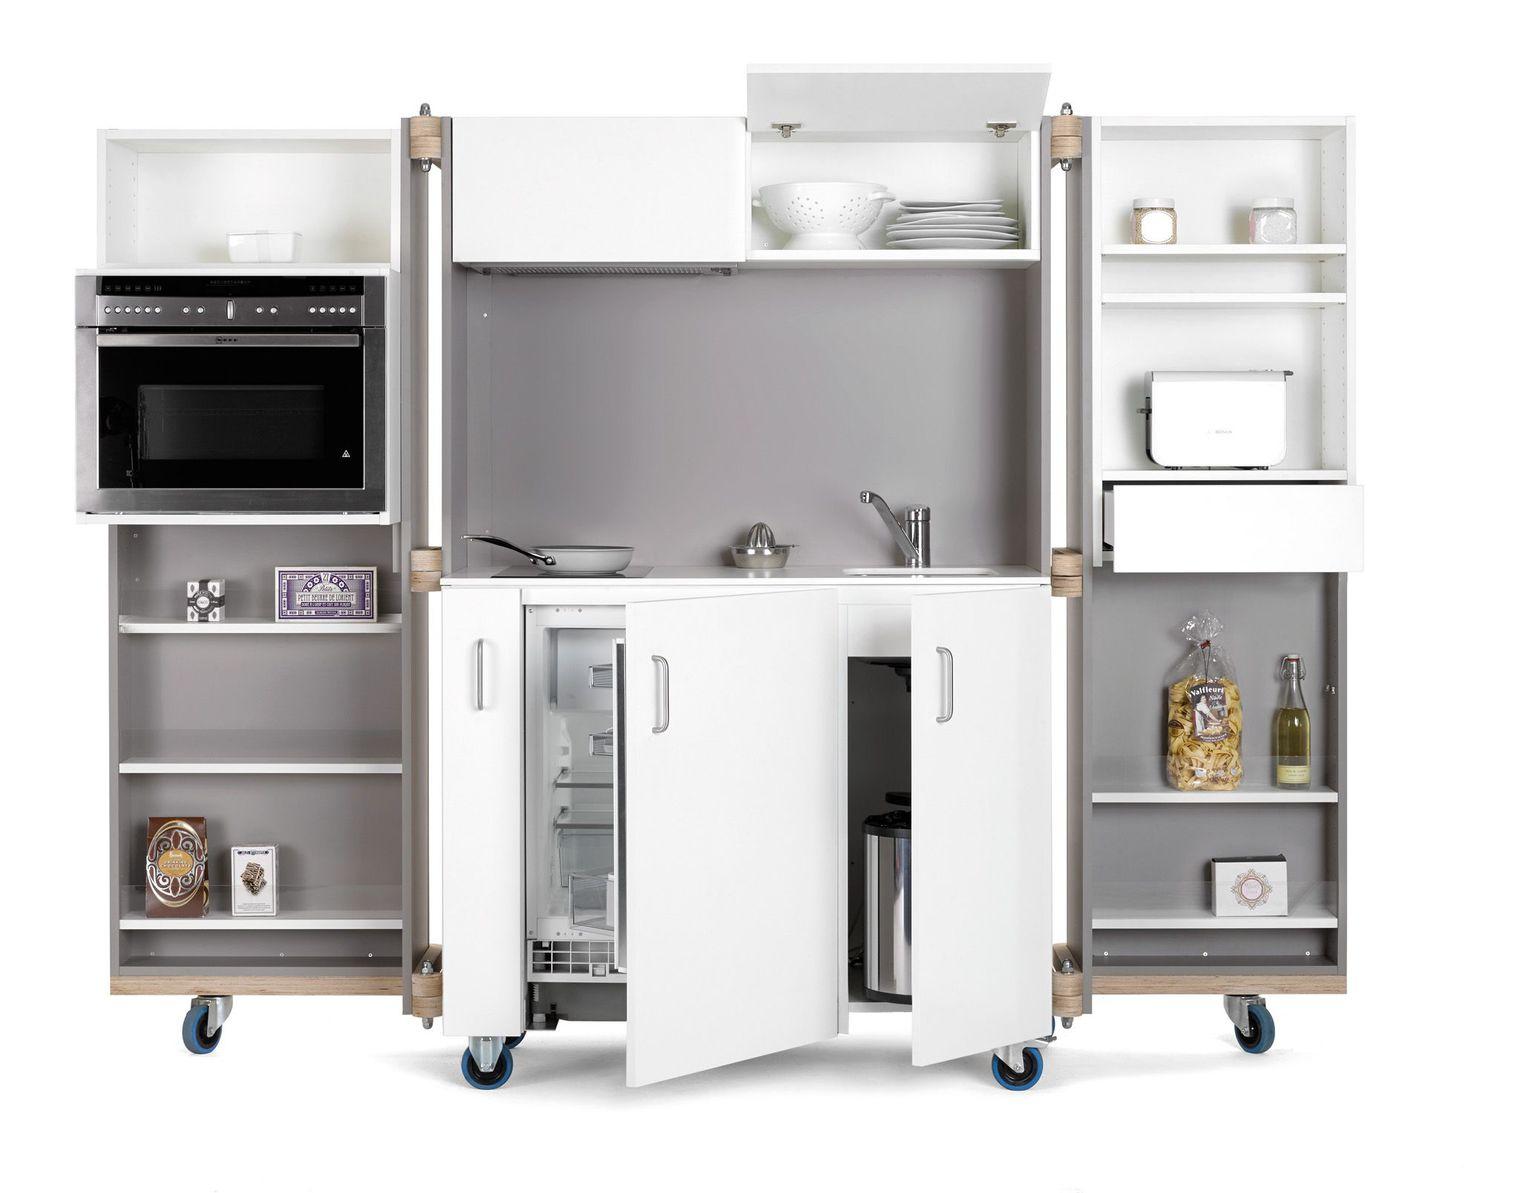 Мобильная маленькая дизайнерская кухня